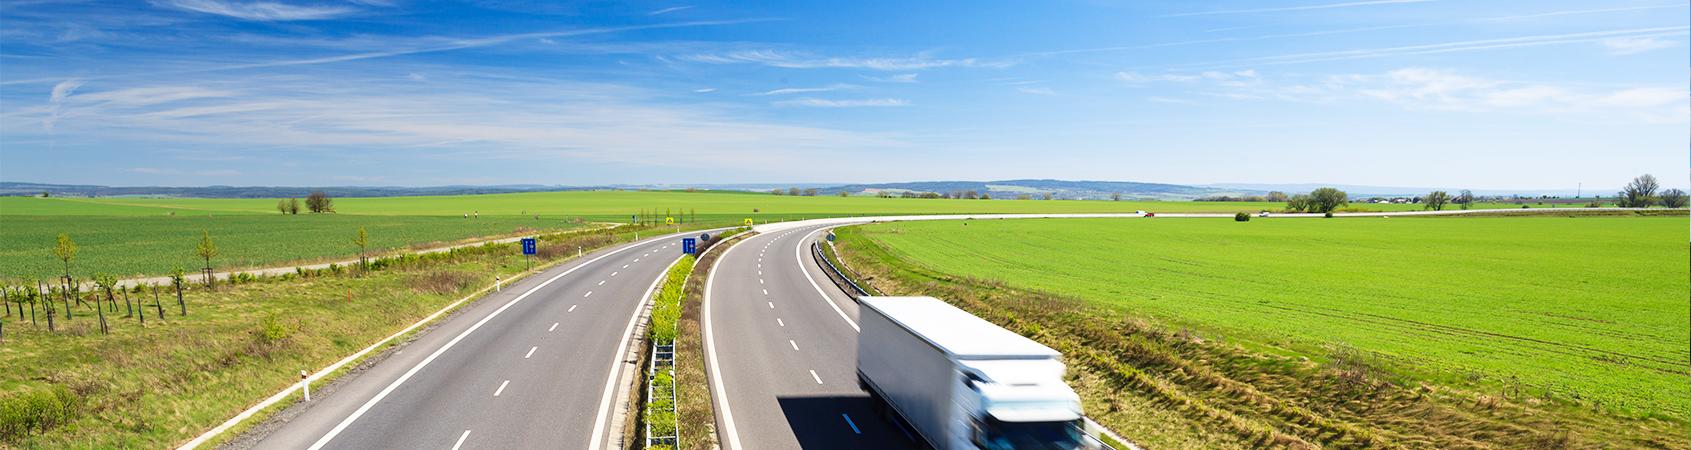 truck transport analyse optimise data logistics ubidata